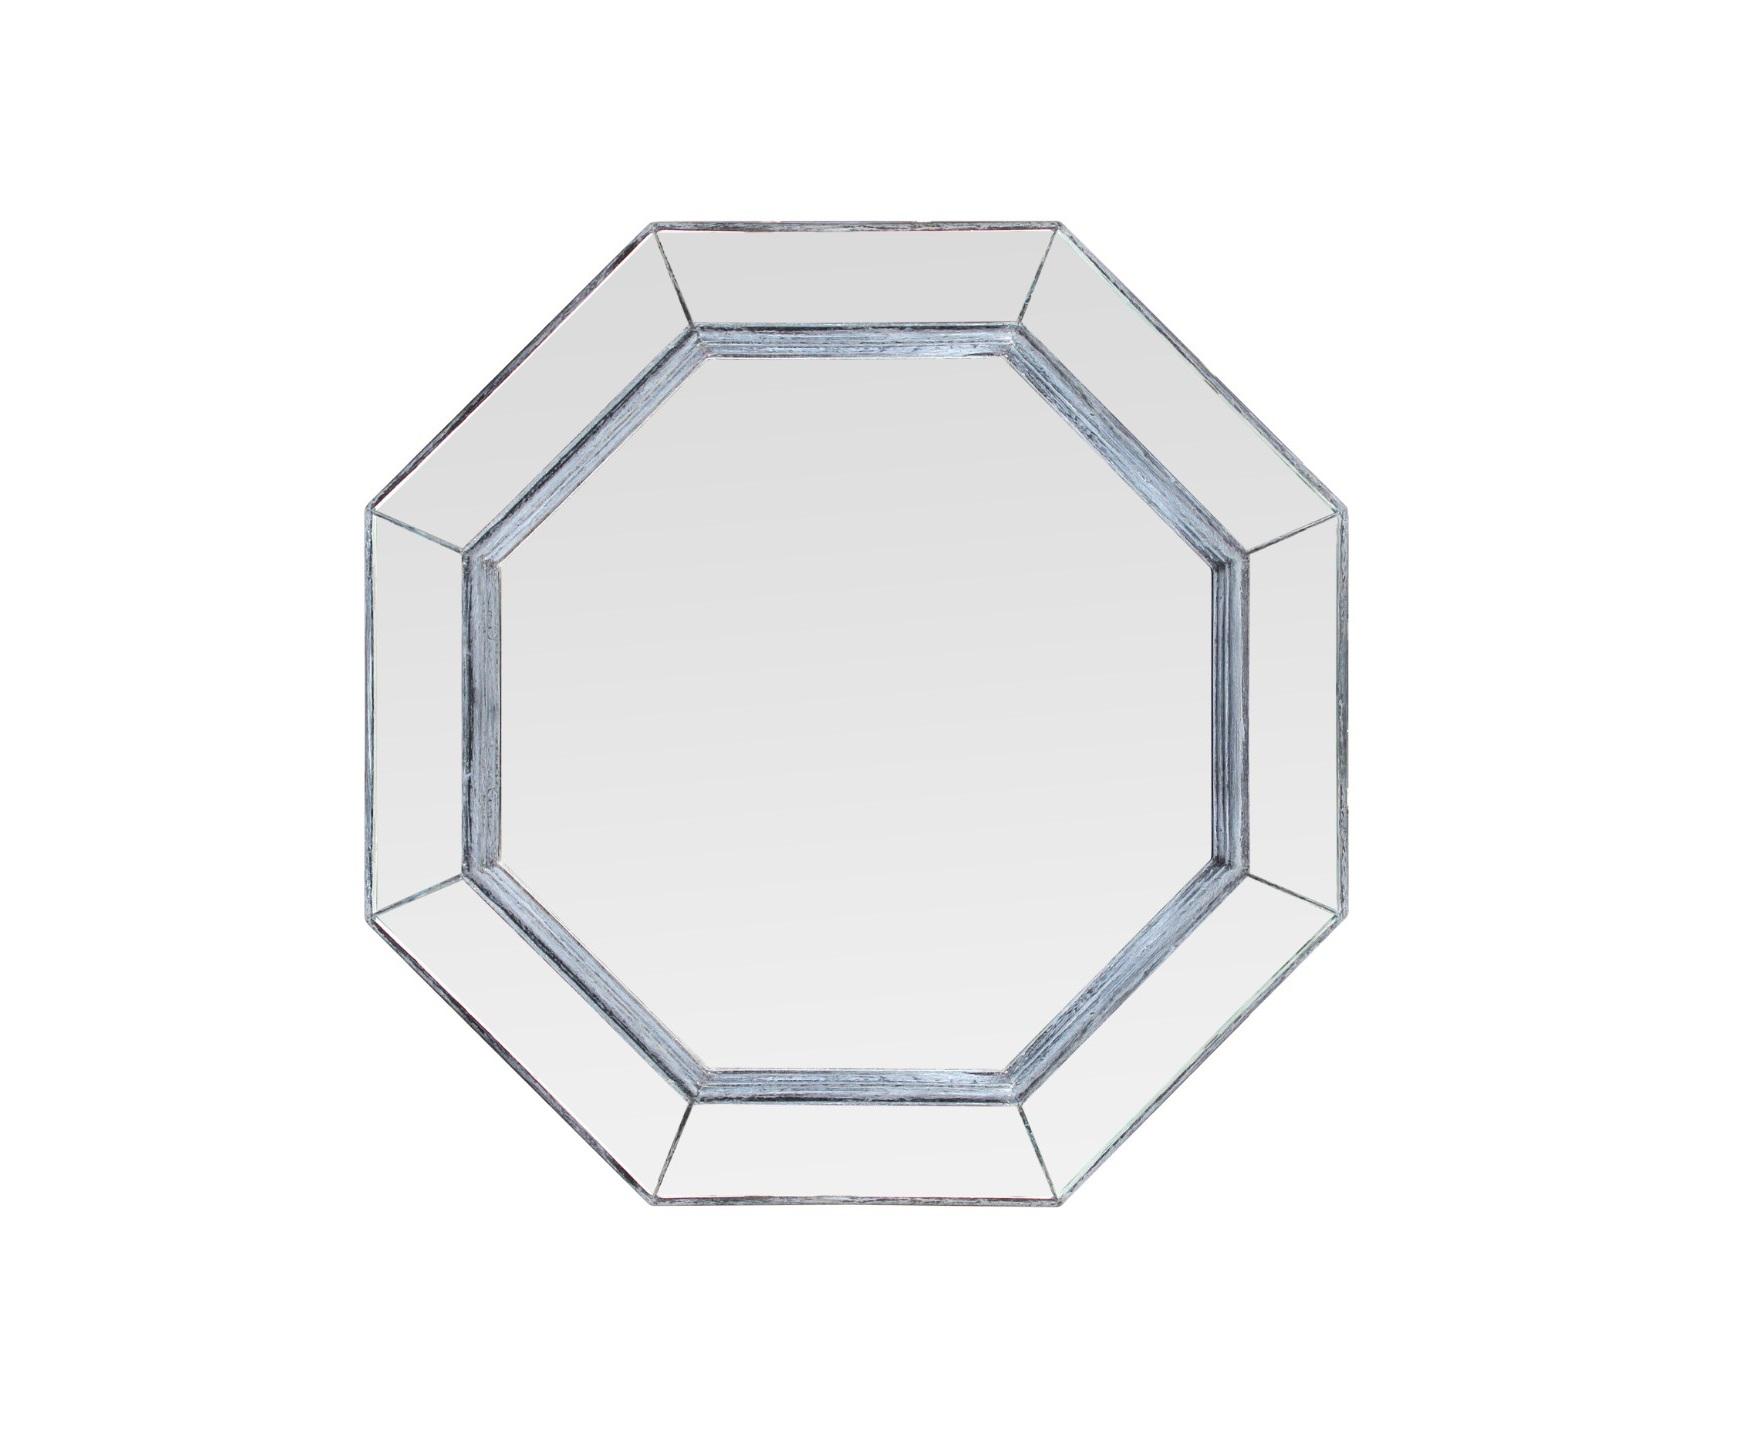 """Купить Зеркало """"elias"""" (Bountyhome) серебристый мдф 60x60x5 см. 85599 в интернет магазине. Цены, фото, описания, характеристики, отзывы, обзоры"""